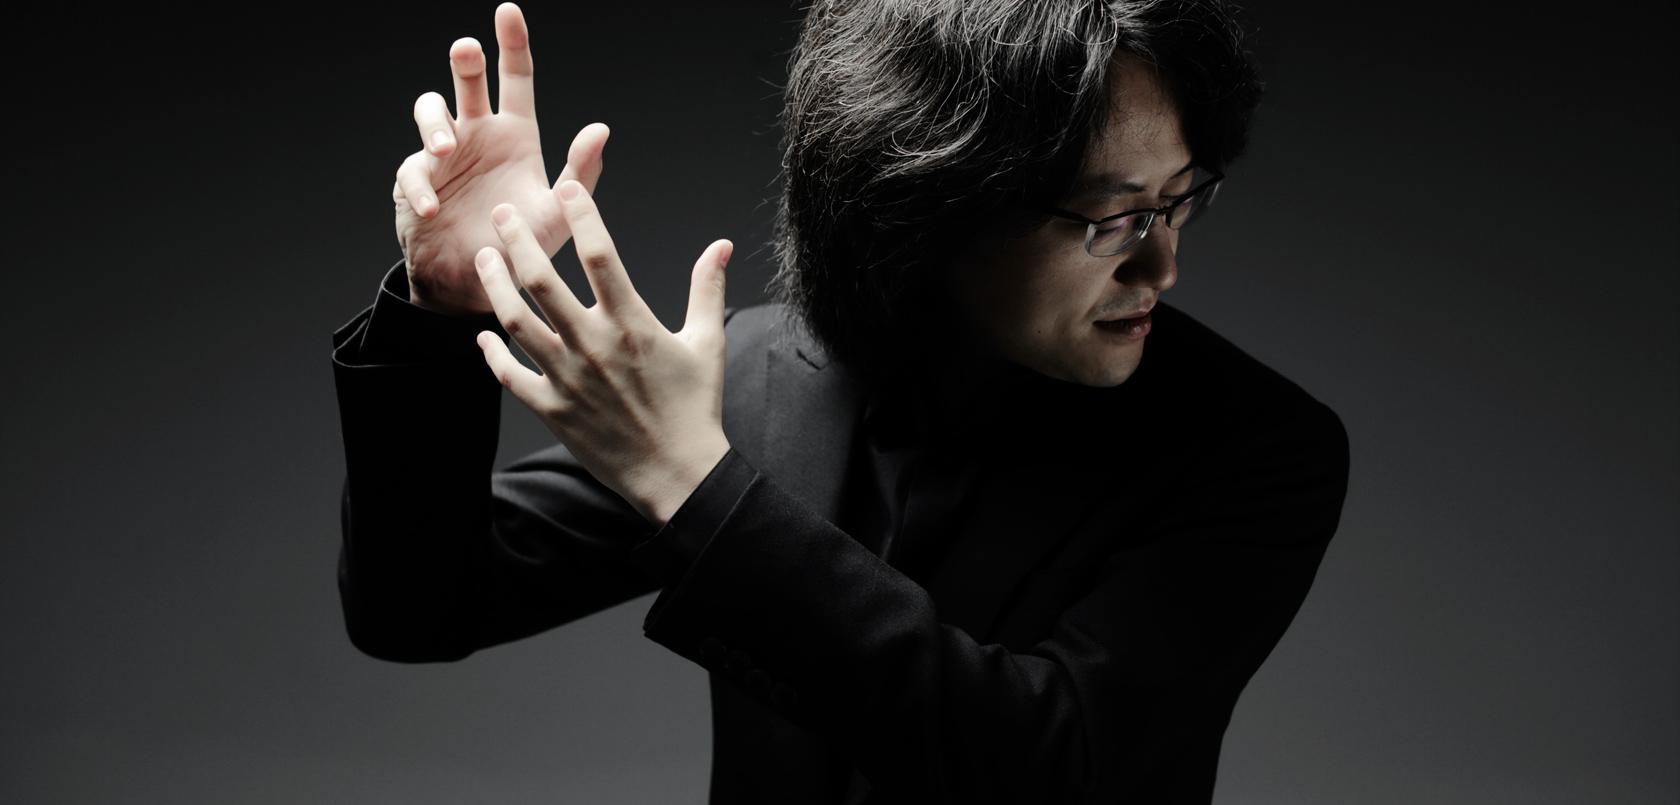 Masato Suzuki 鈴木優人